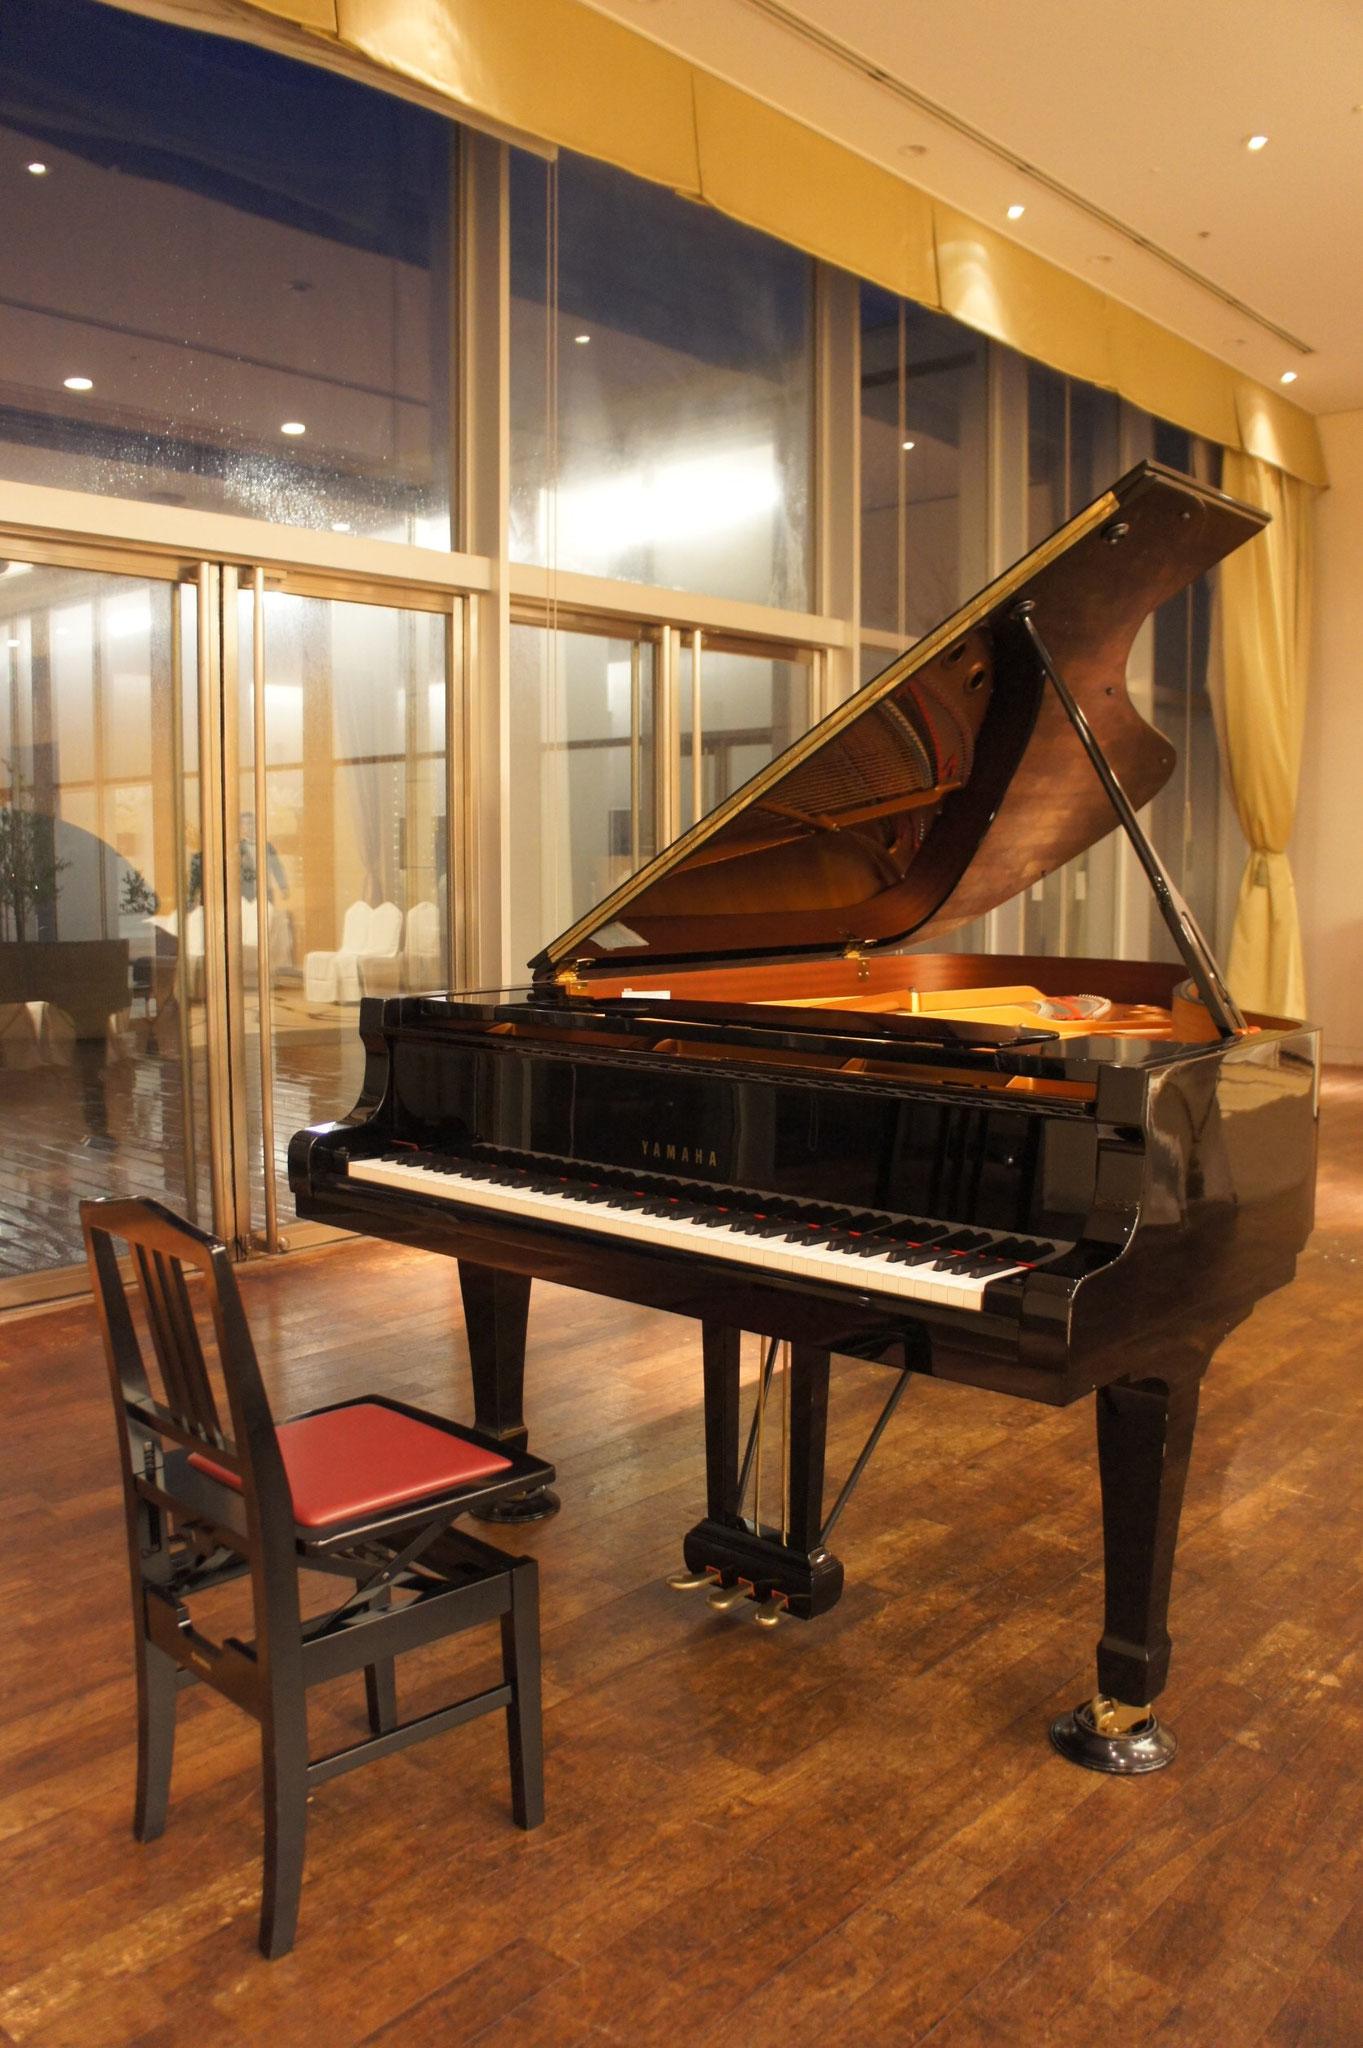 グランドピアノのバックはテラスになっていて、とても素敵な空間になりました!